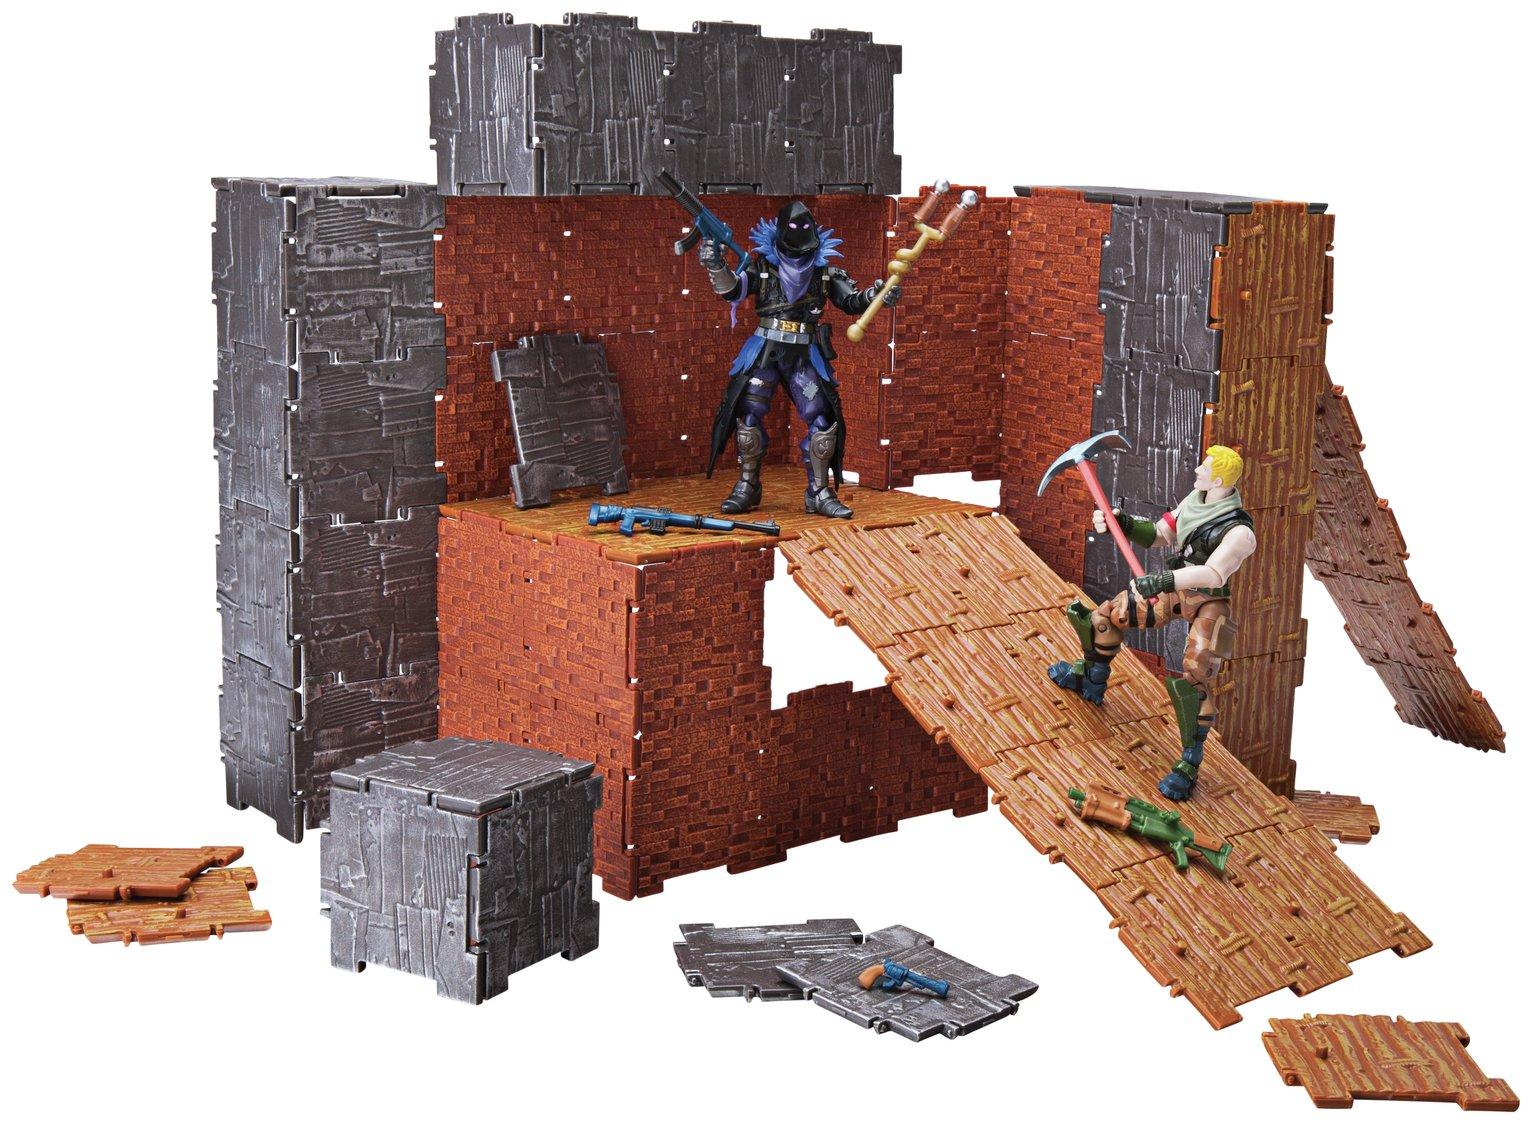 Fortnite - Turbo Builder Set 2 Figure Pack